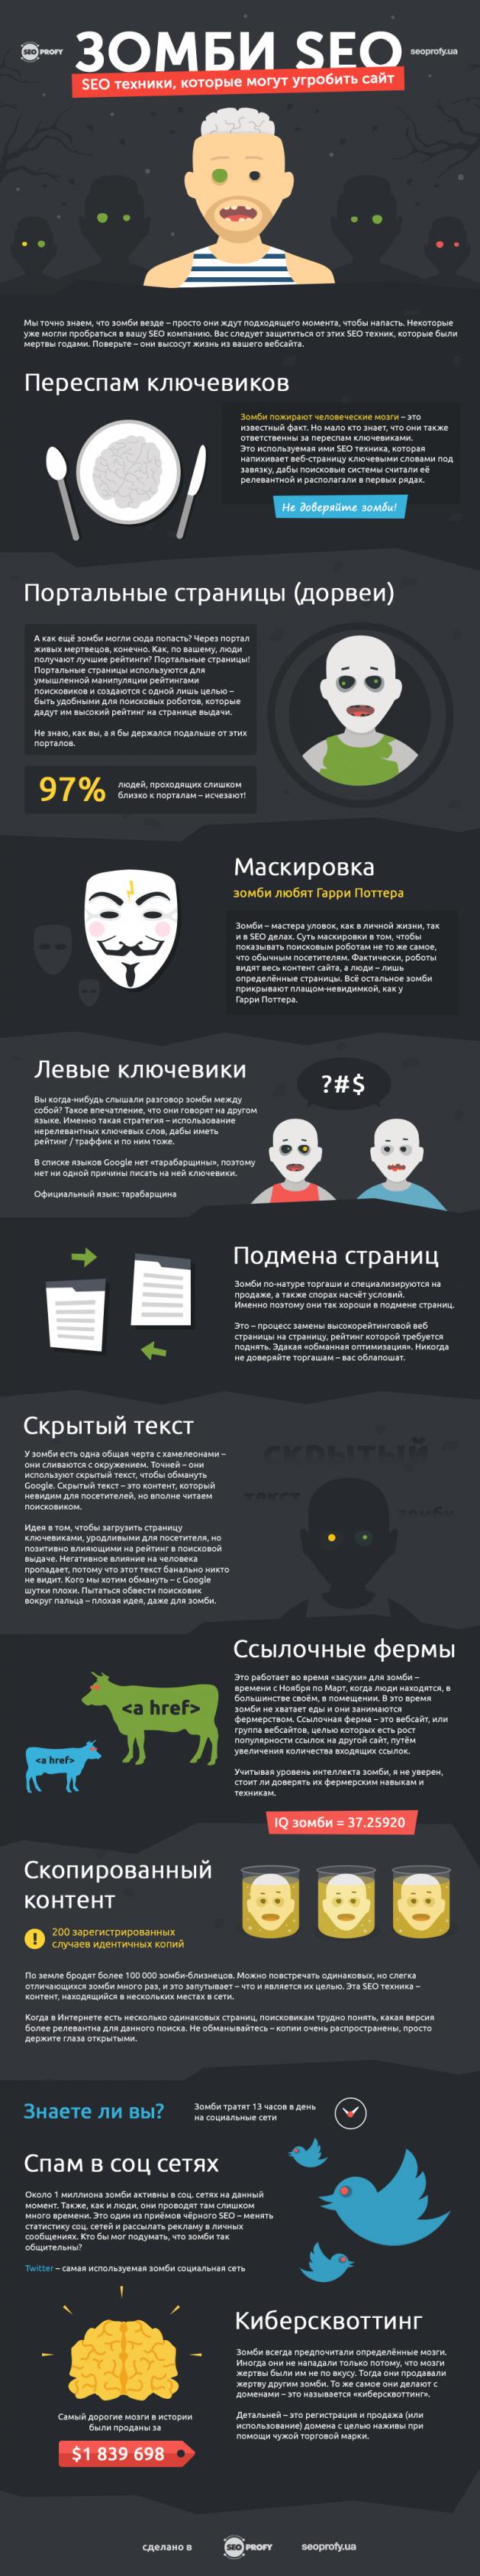 SEO техники, которые могут угробить сайт – Инфографика